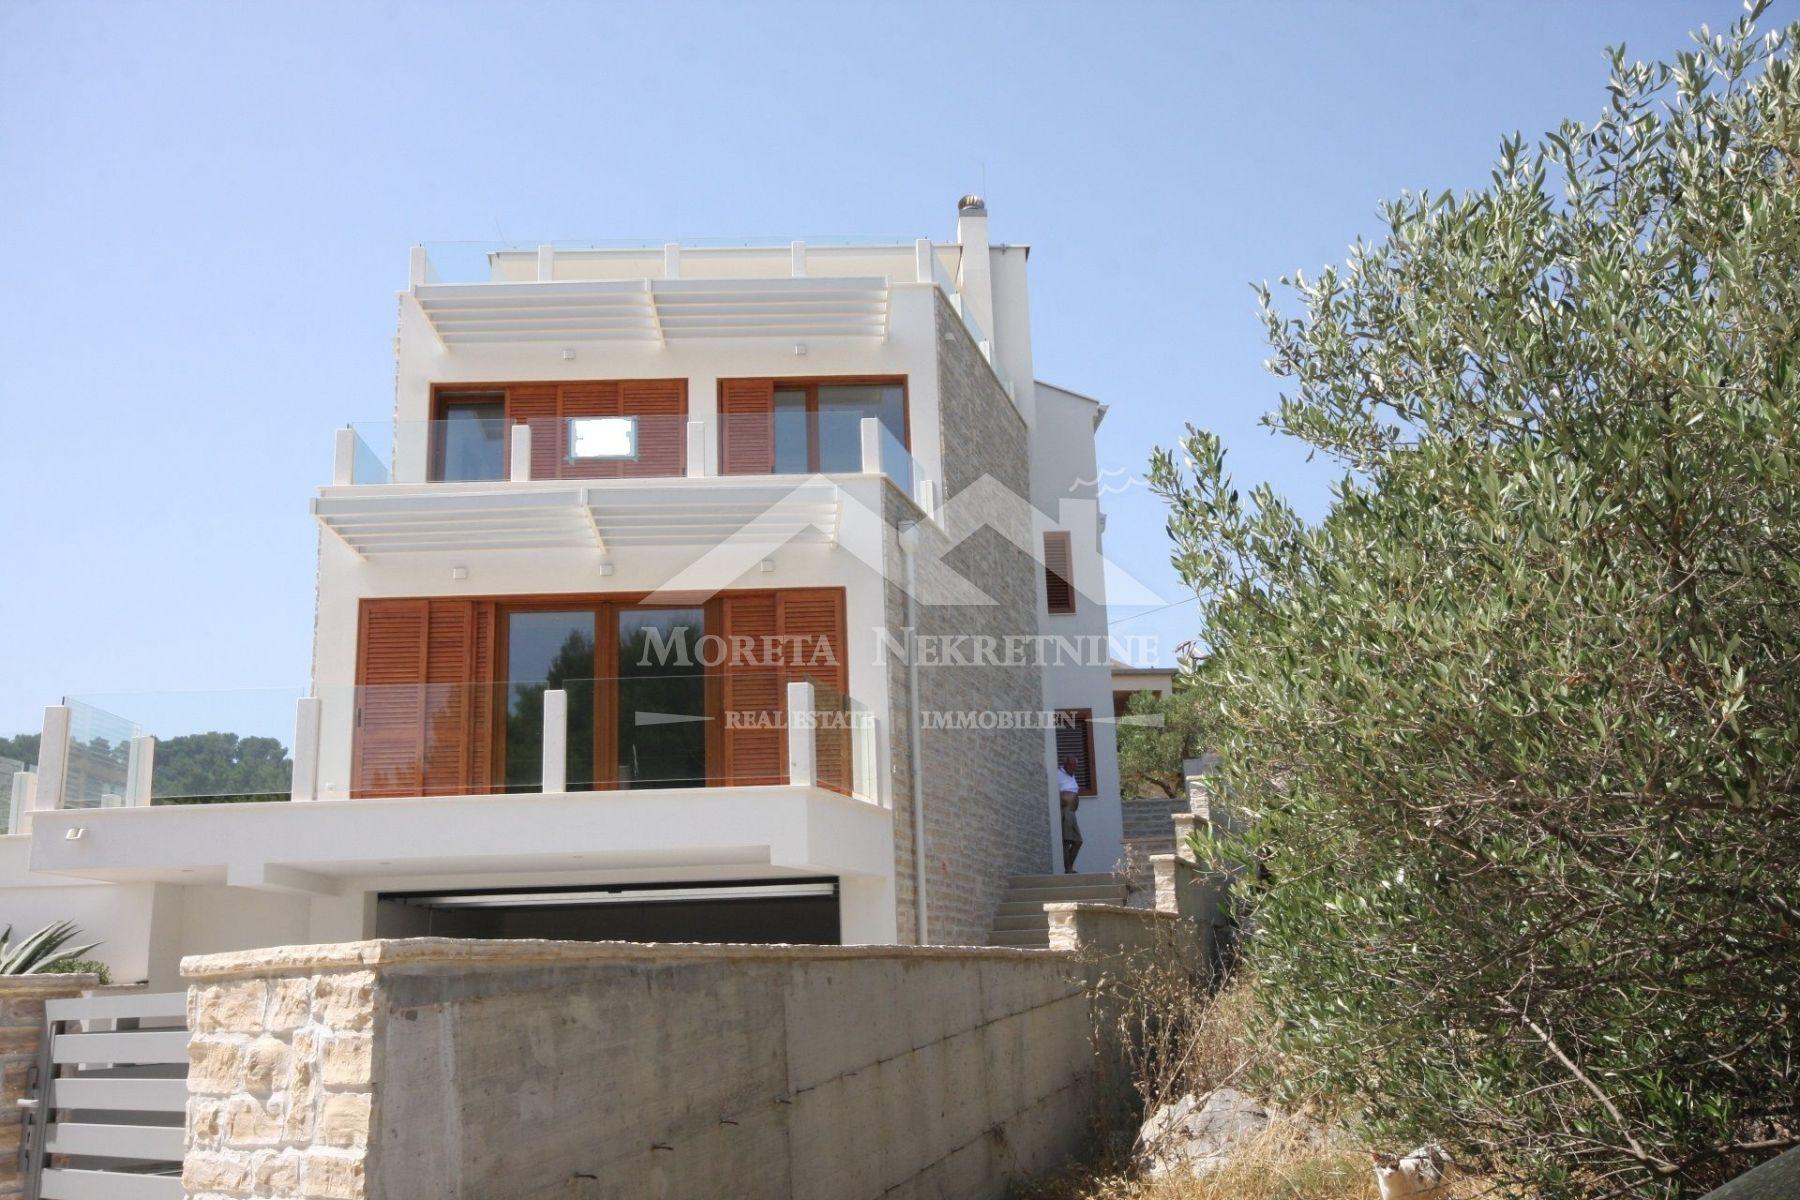 Betina, neue Doppelhaushälfte 50 Meter vom Strand entfernt